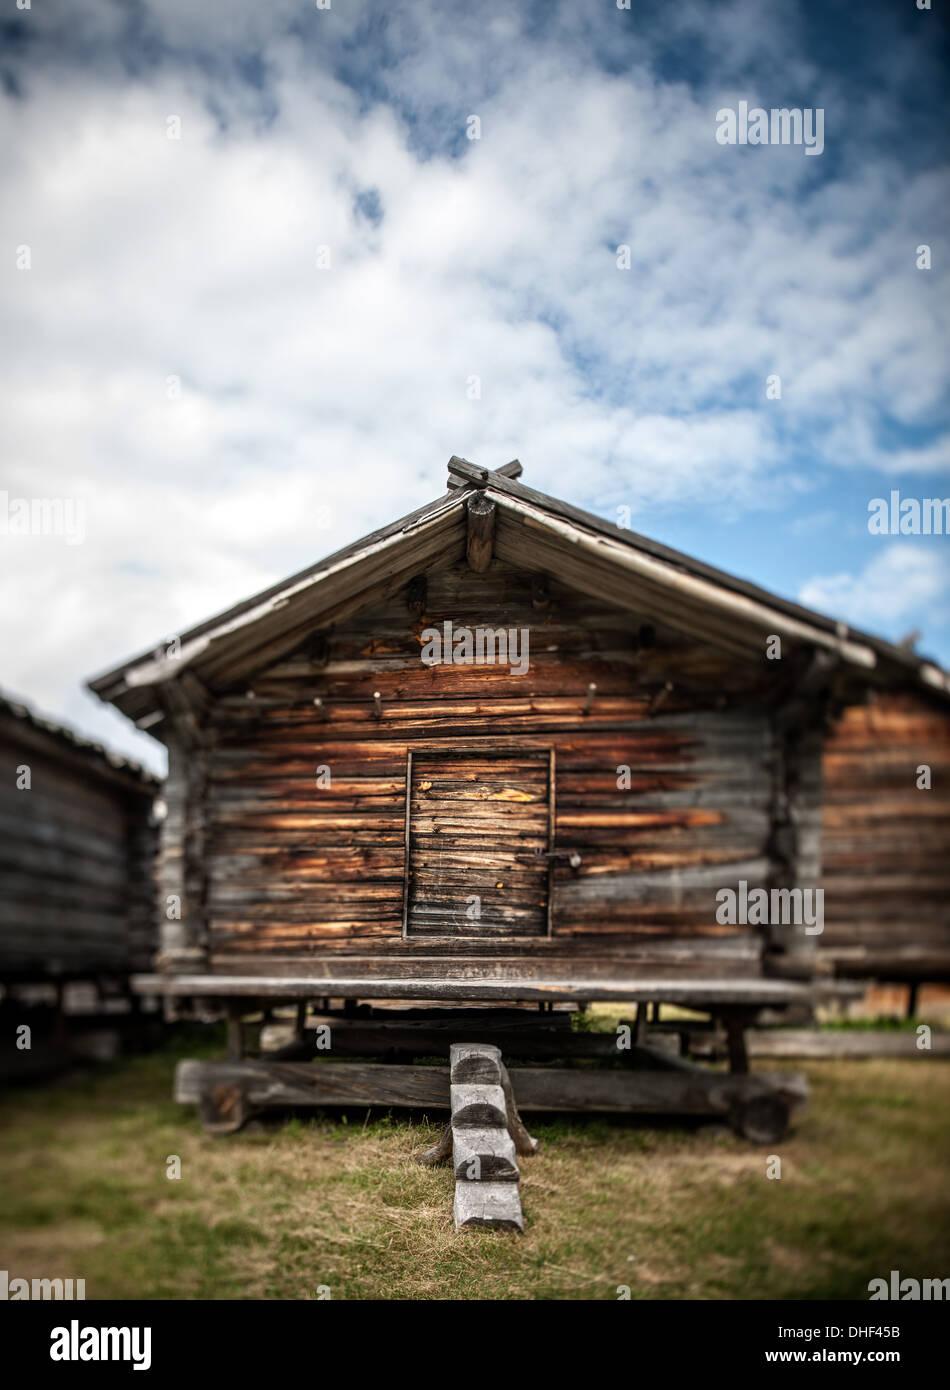 Traditional log cabin, Arjeplog, Lapland, Sweden - Stock Image